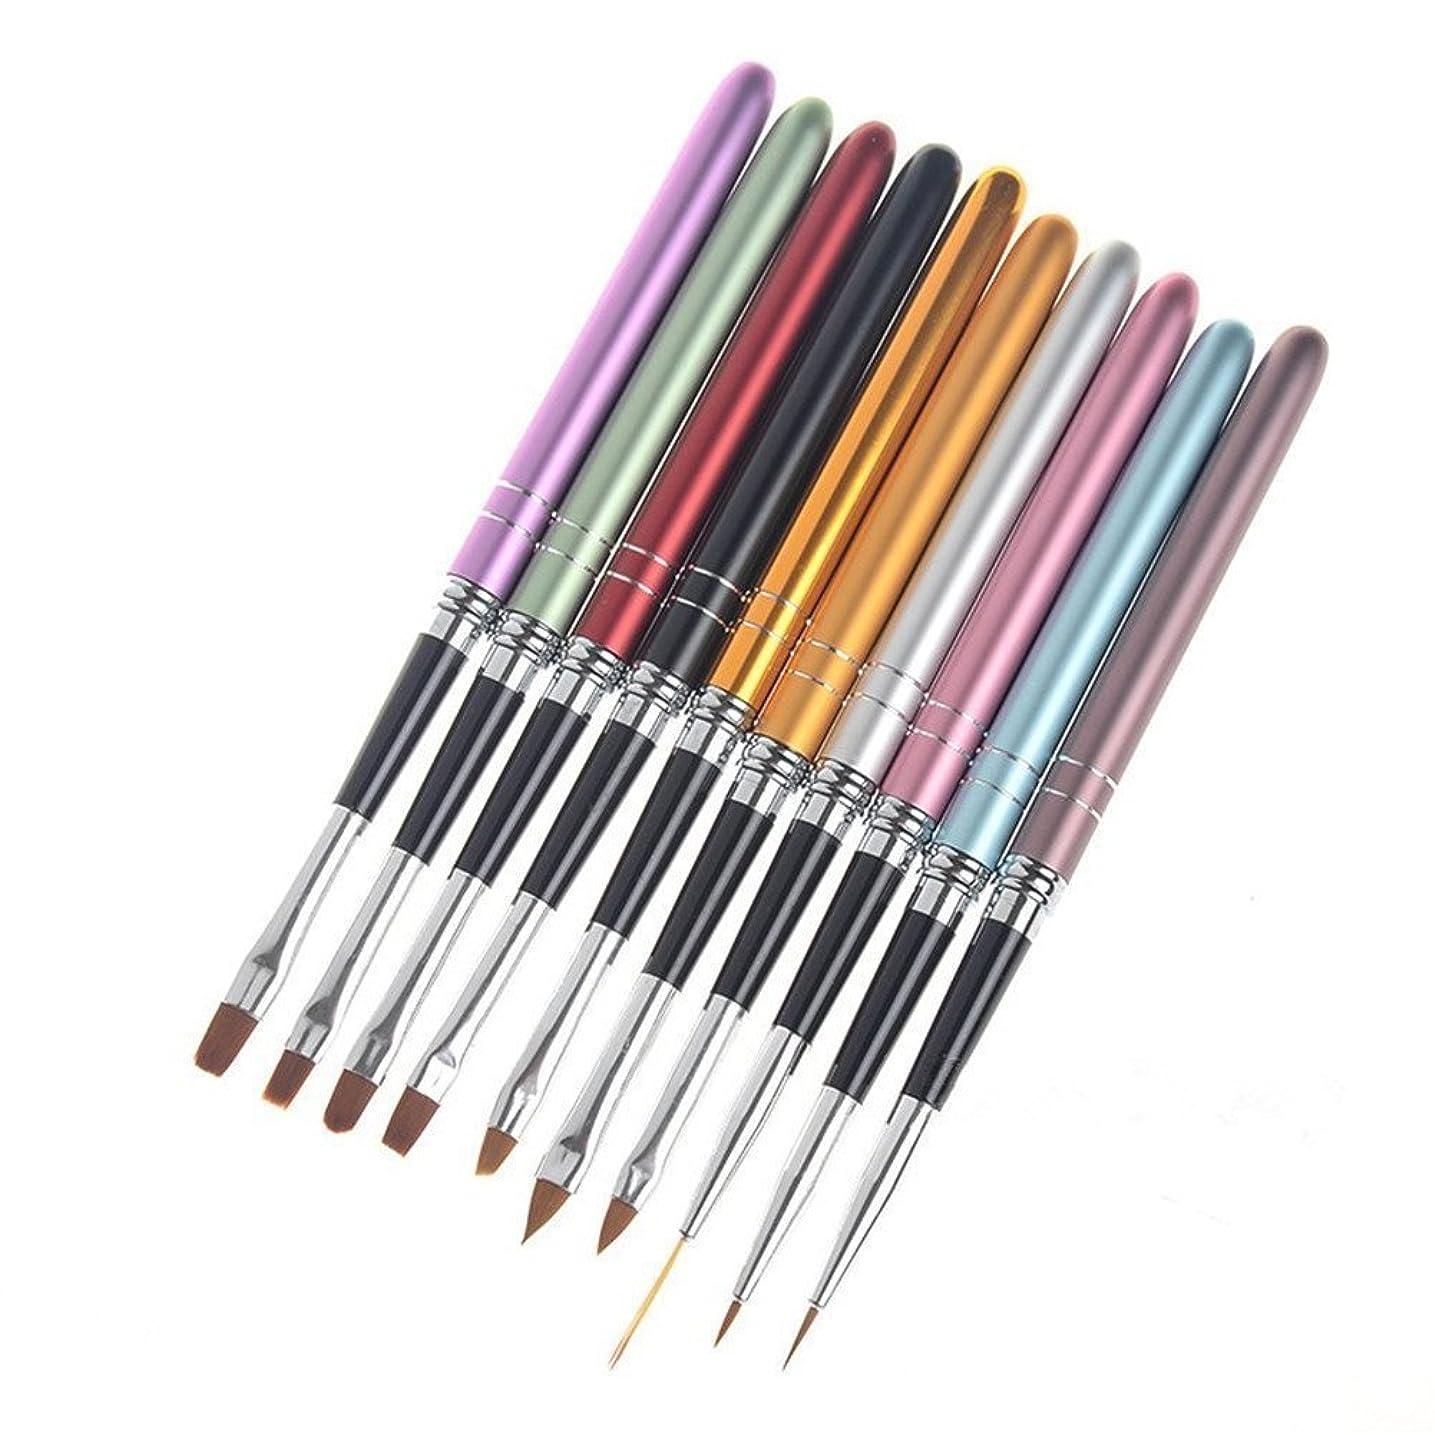 傑出した一口リーズ10本/セット ネイルブラシセット ジェルネイル絵描きブラシなどの UVジュエルネイルツール アクリルネイルアートブラシネイル用品